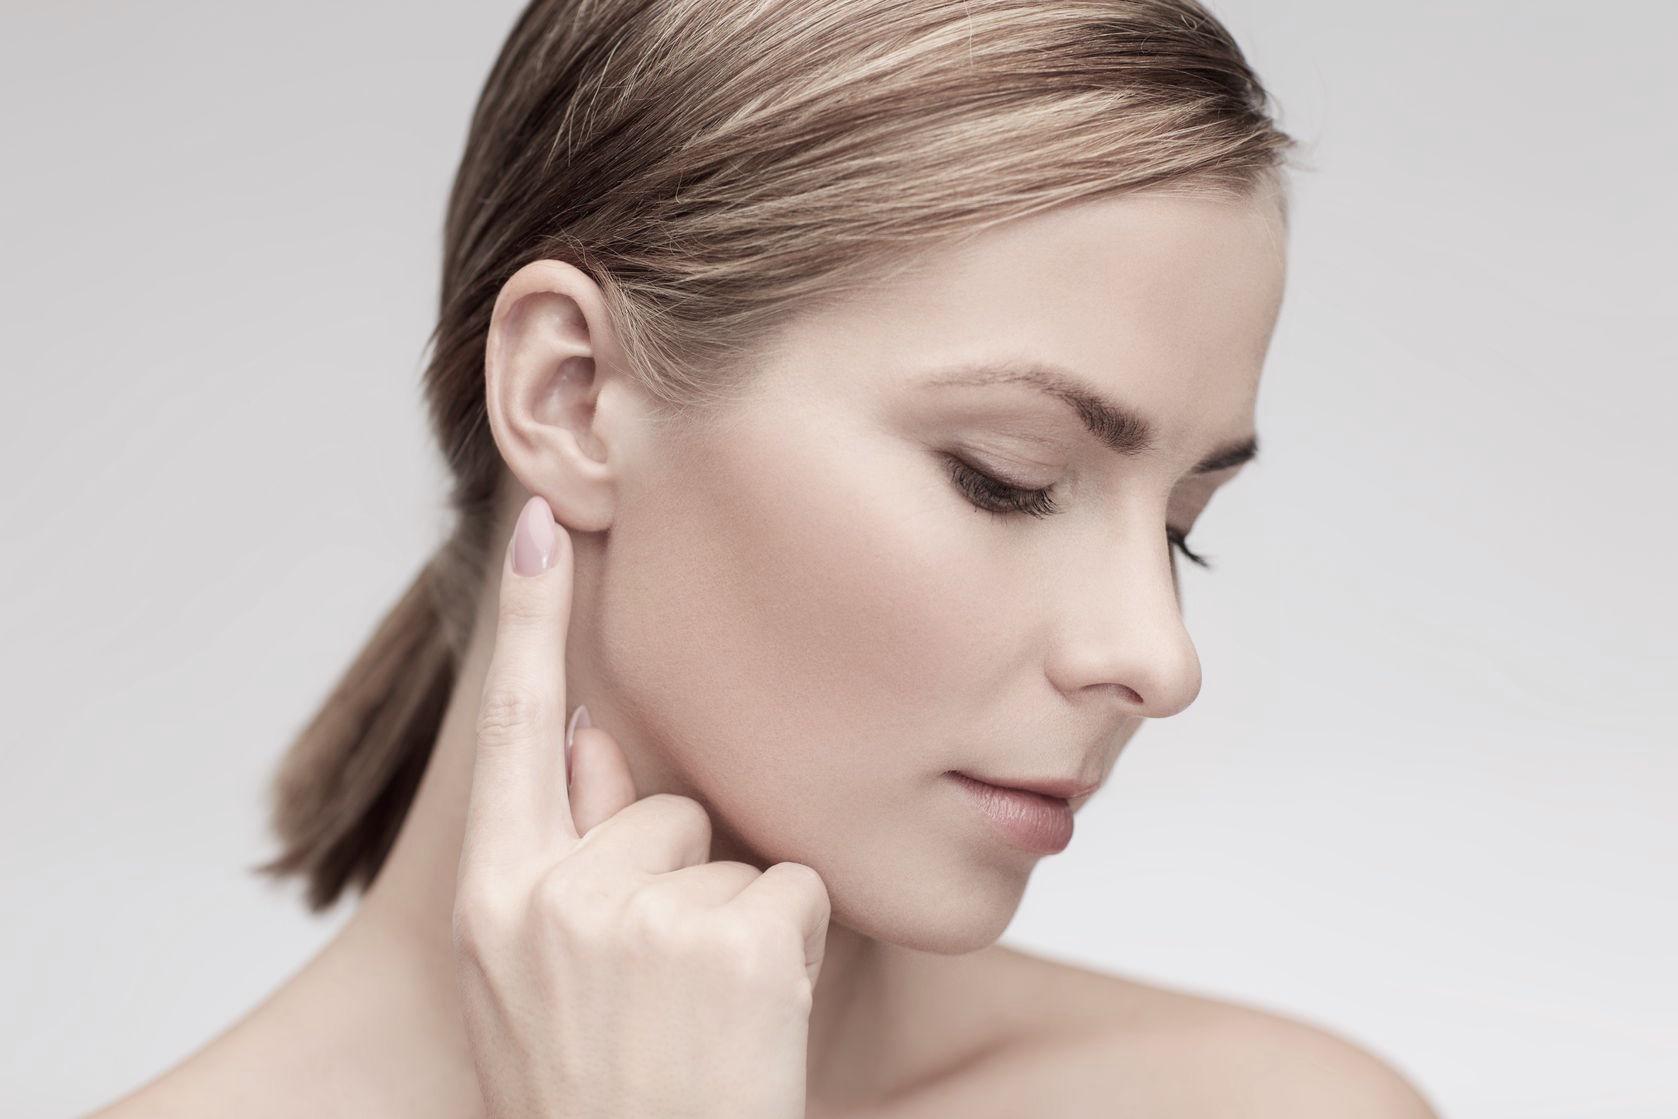 Oubliez vos oreilles décollées grâce à la chirurgie réparatrice